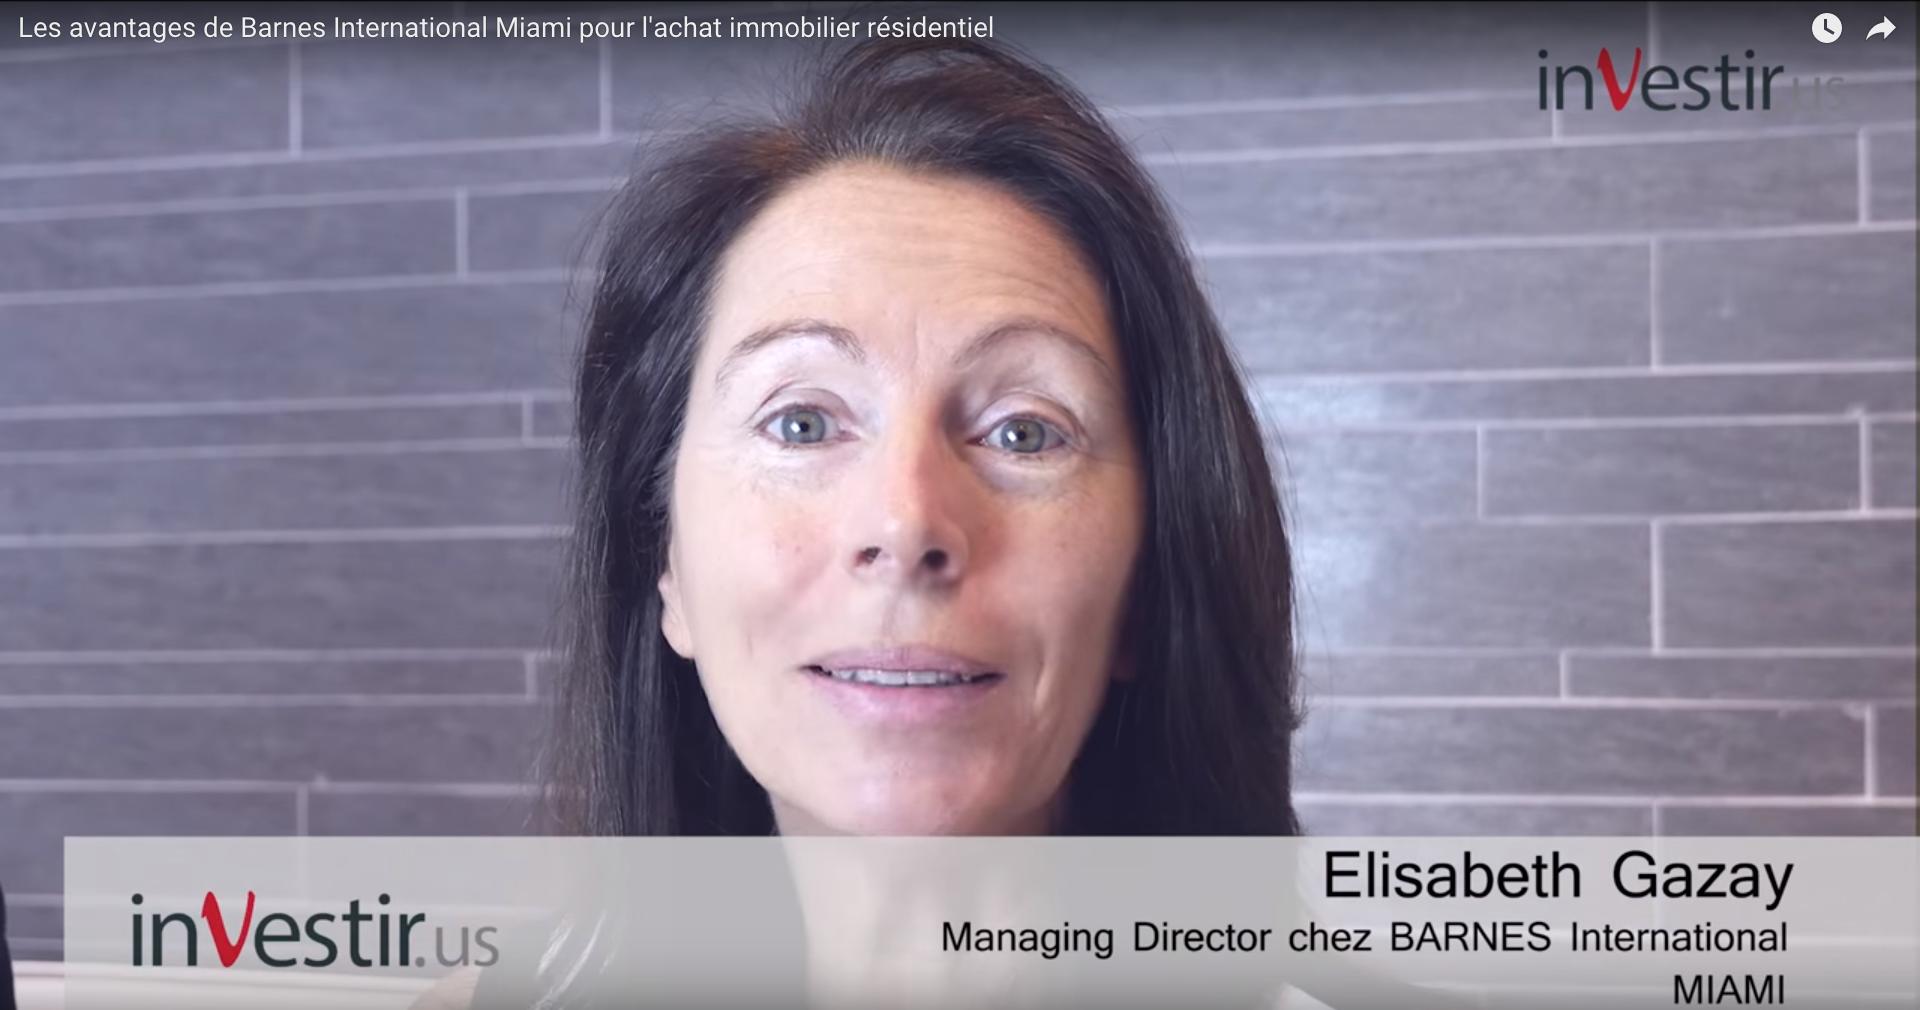 Les avantages de Barnes International Miami pour l'achat immobilier résidentiel – Investir US